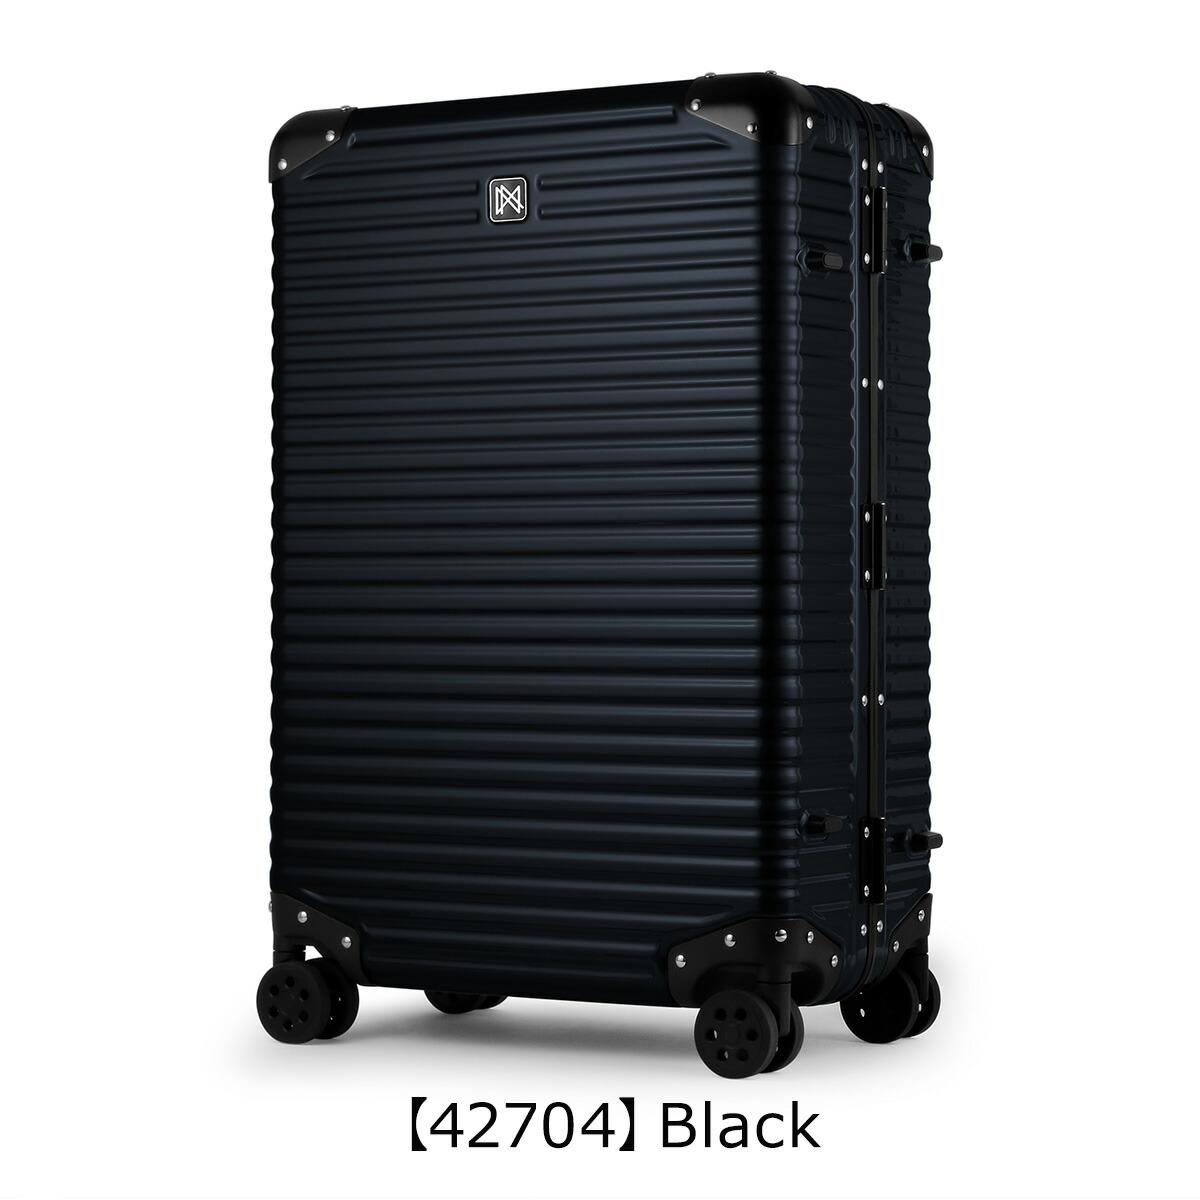 【42704】Black